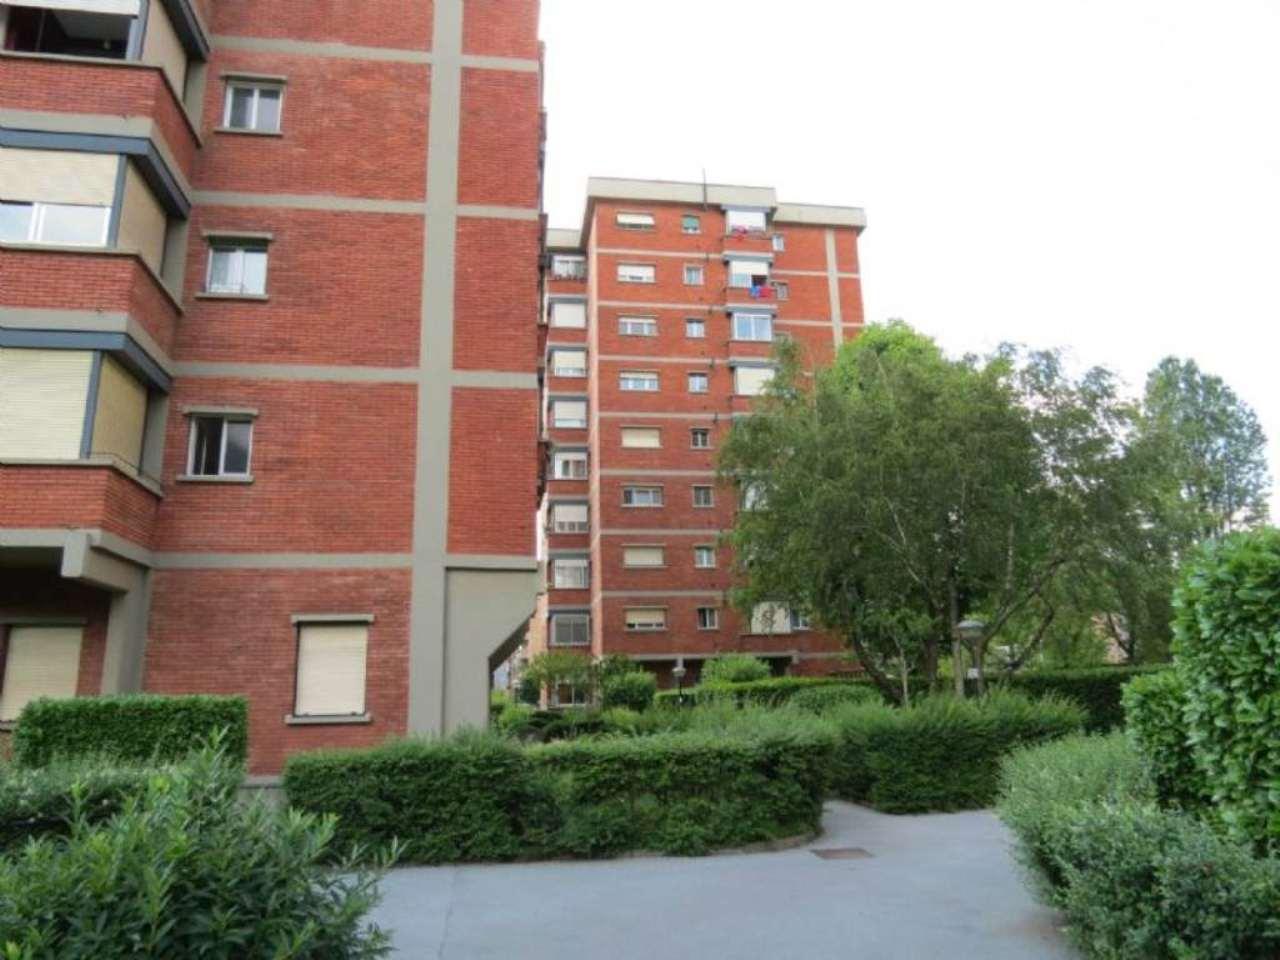 Laboratorio in affitto a Milano, 1 locali, zona Zona: 19 . Affori, Bovisa, Niguarda, Testi, Dergano, Comasina, prezzo € 600 | CambioCasa.it